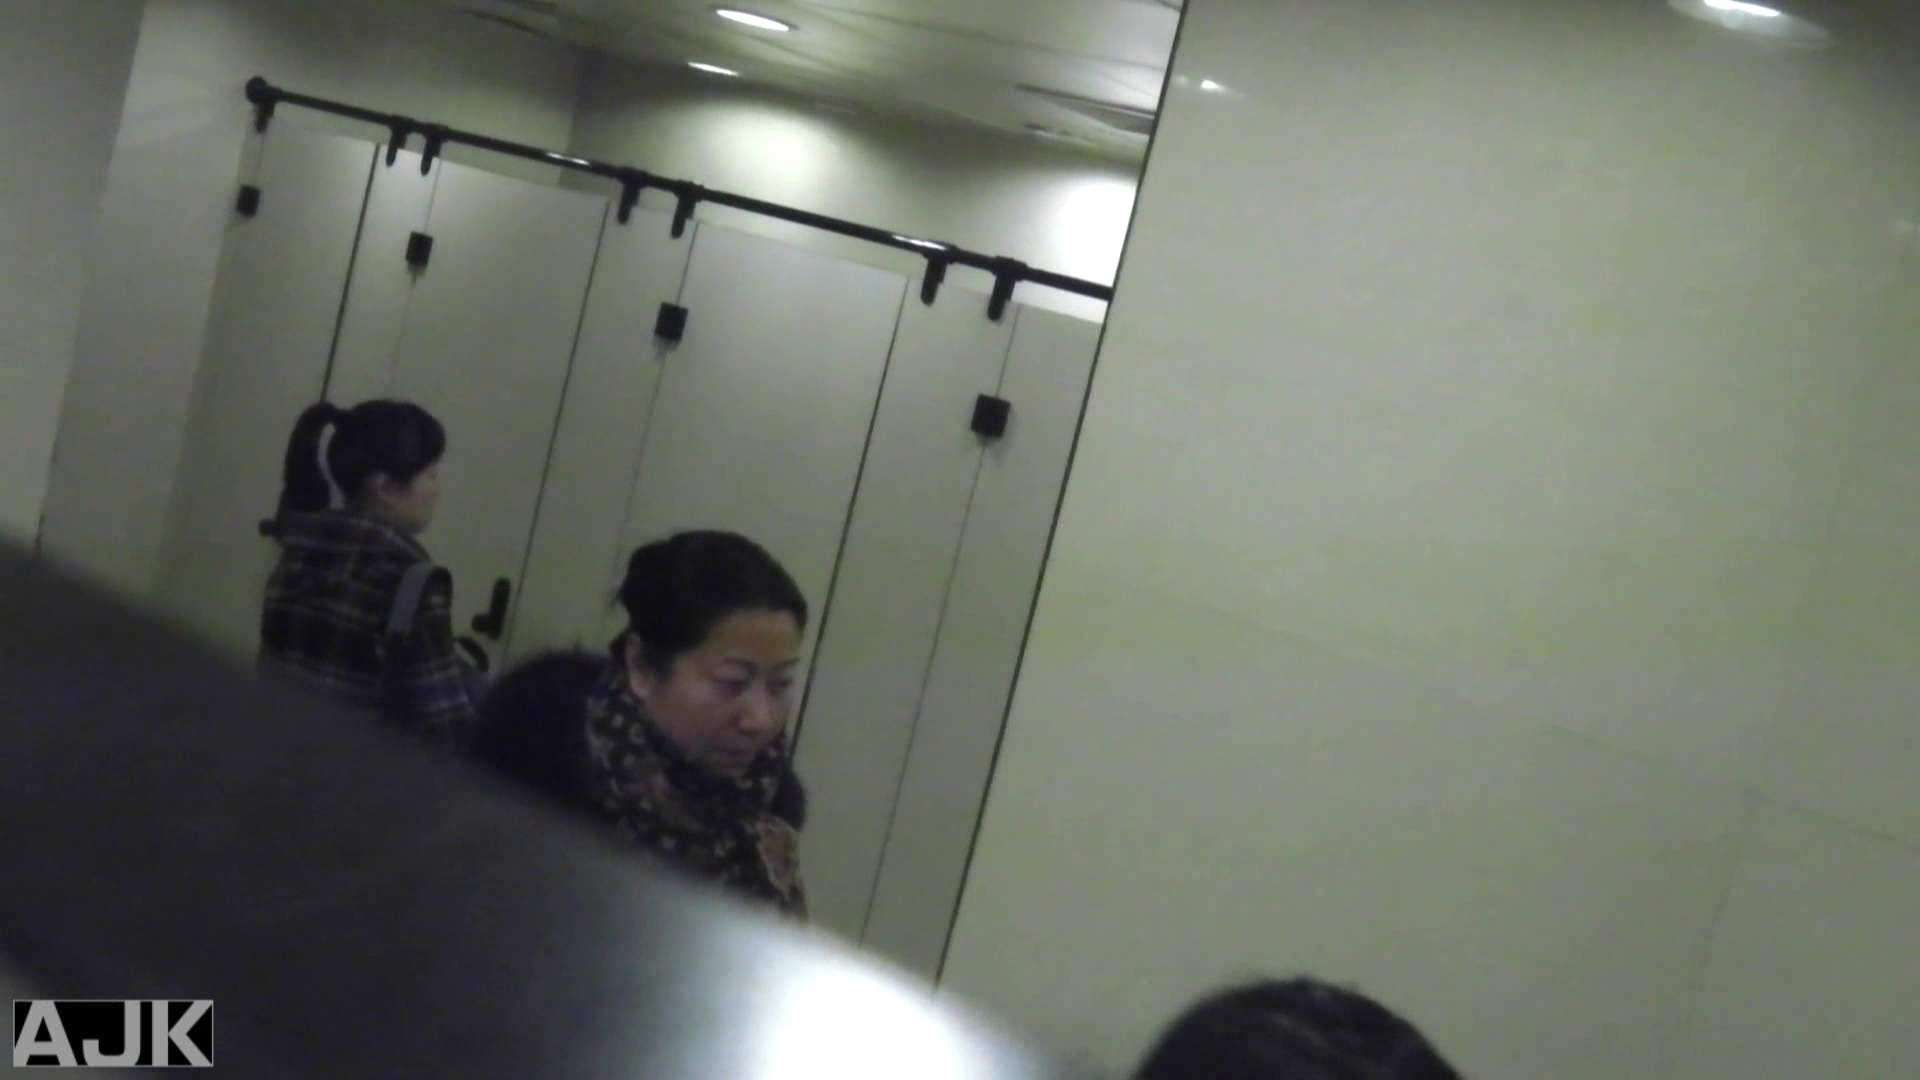 隣国上階級エリアの令嬢たちが集うデパートお手洗い Vol.17 女子トイレ編 ぱこり動画紹介 86画像 42